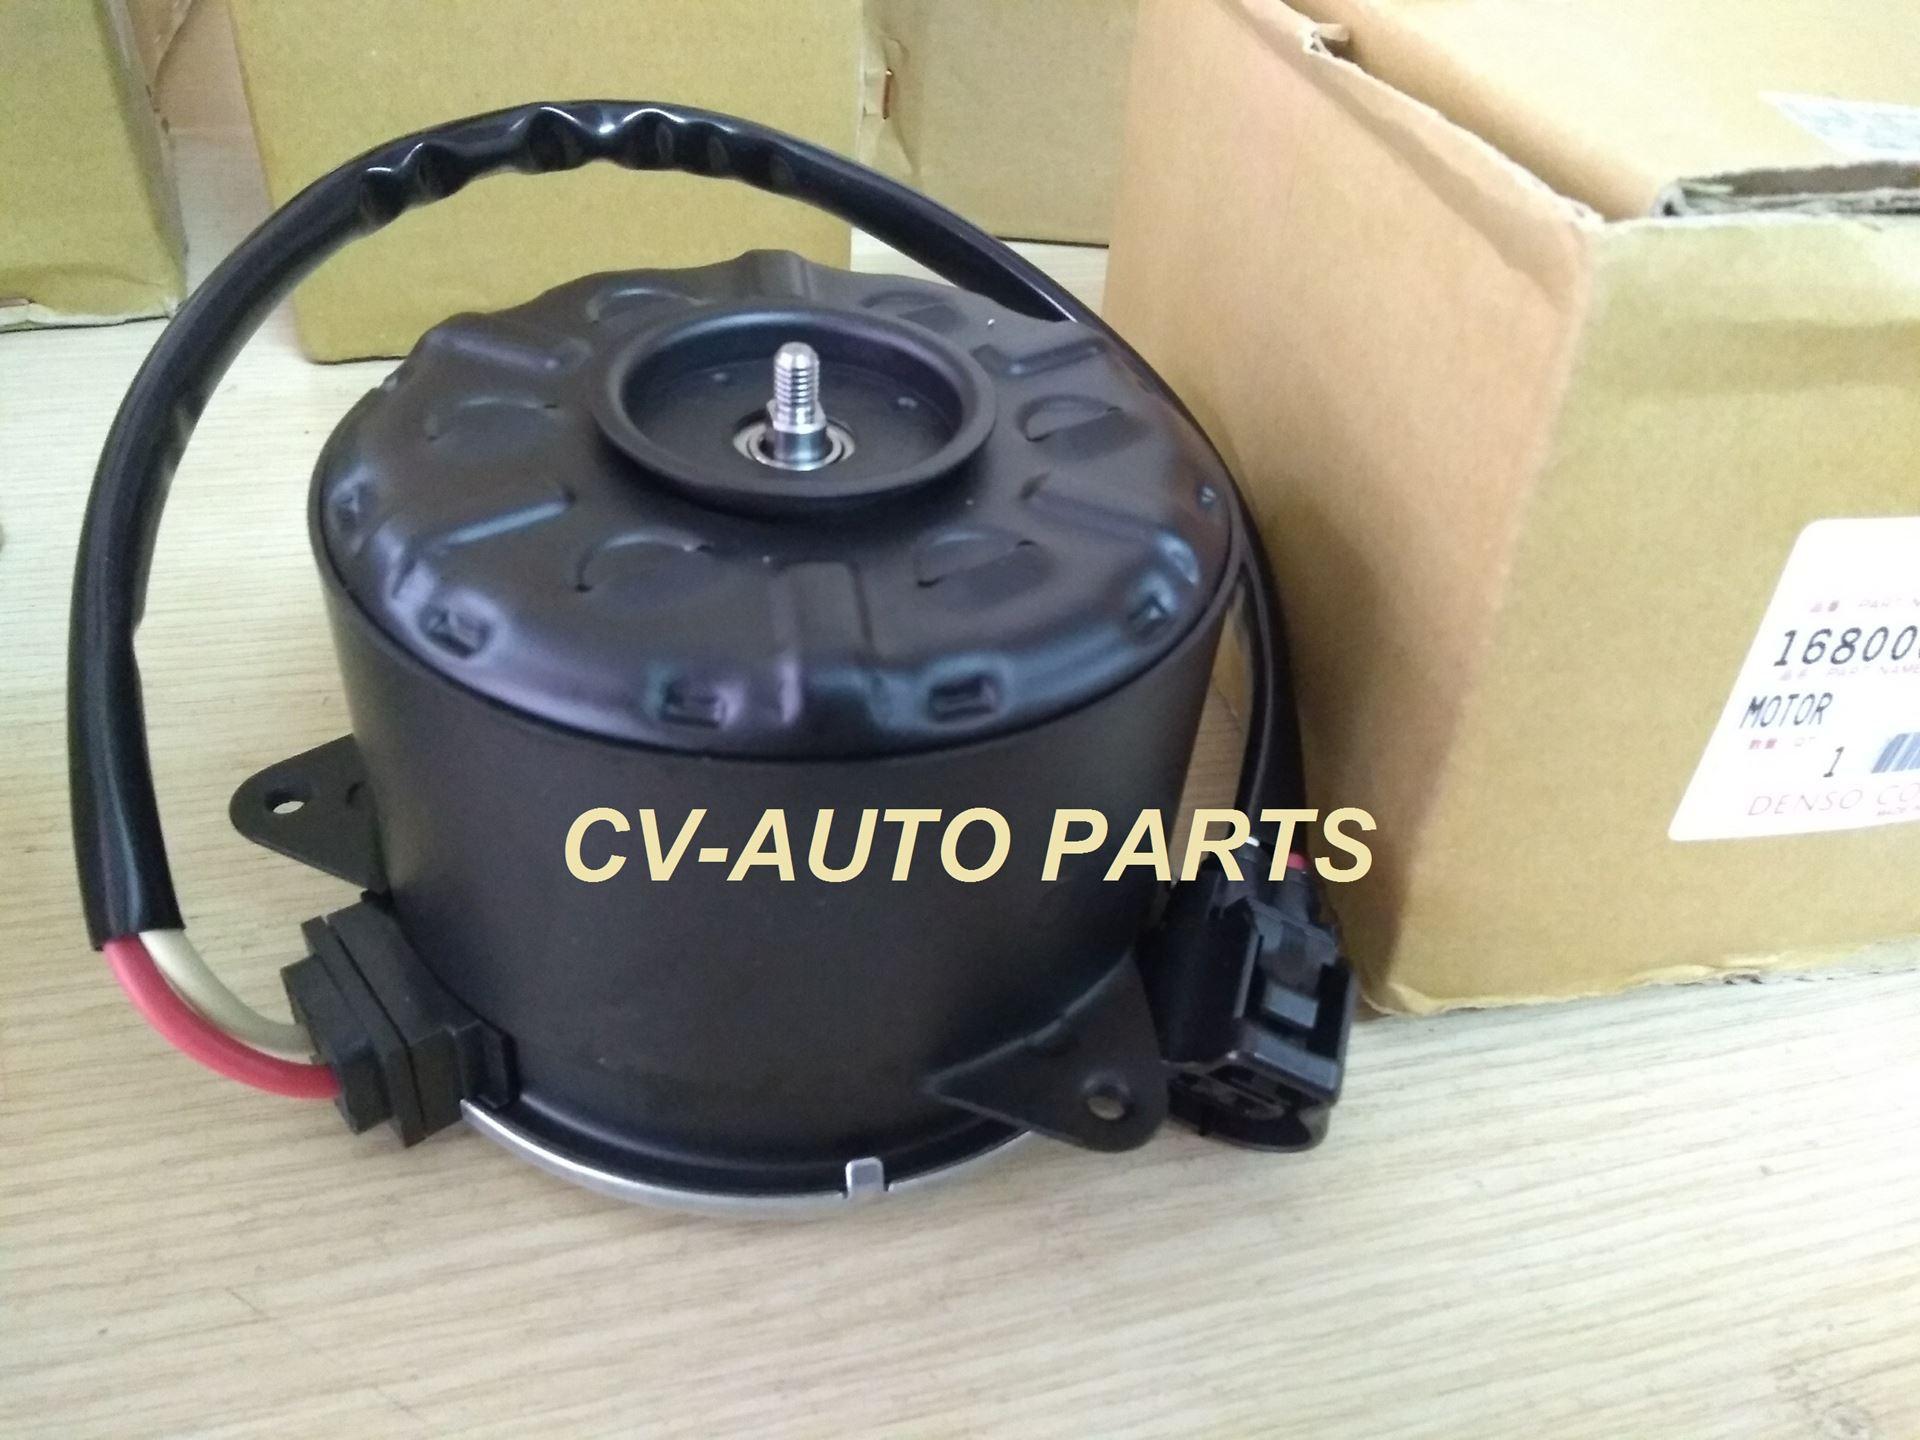 Picture of 16363-75030 Motor quạt làm mát két nước Toyota Hiace cá mập Denso chính hãng